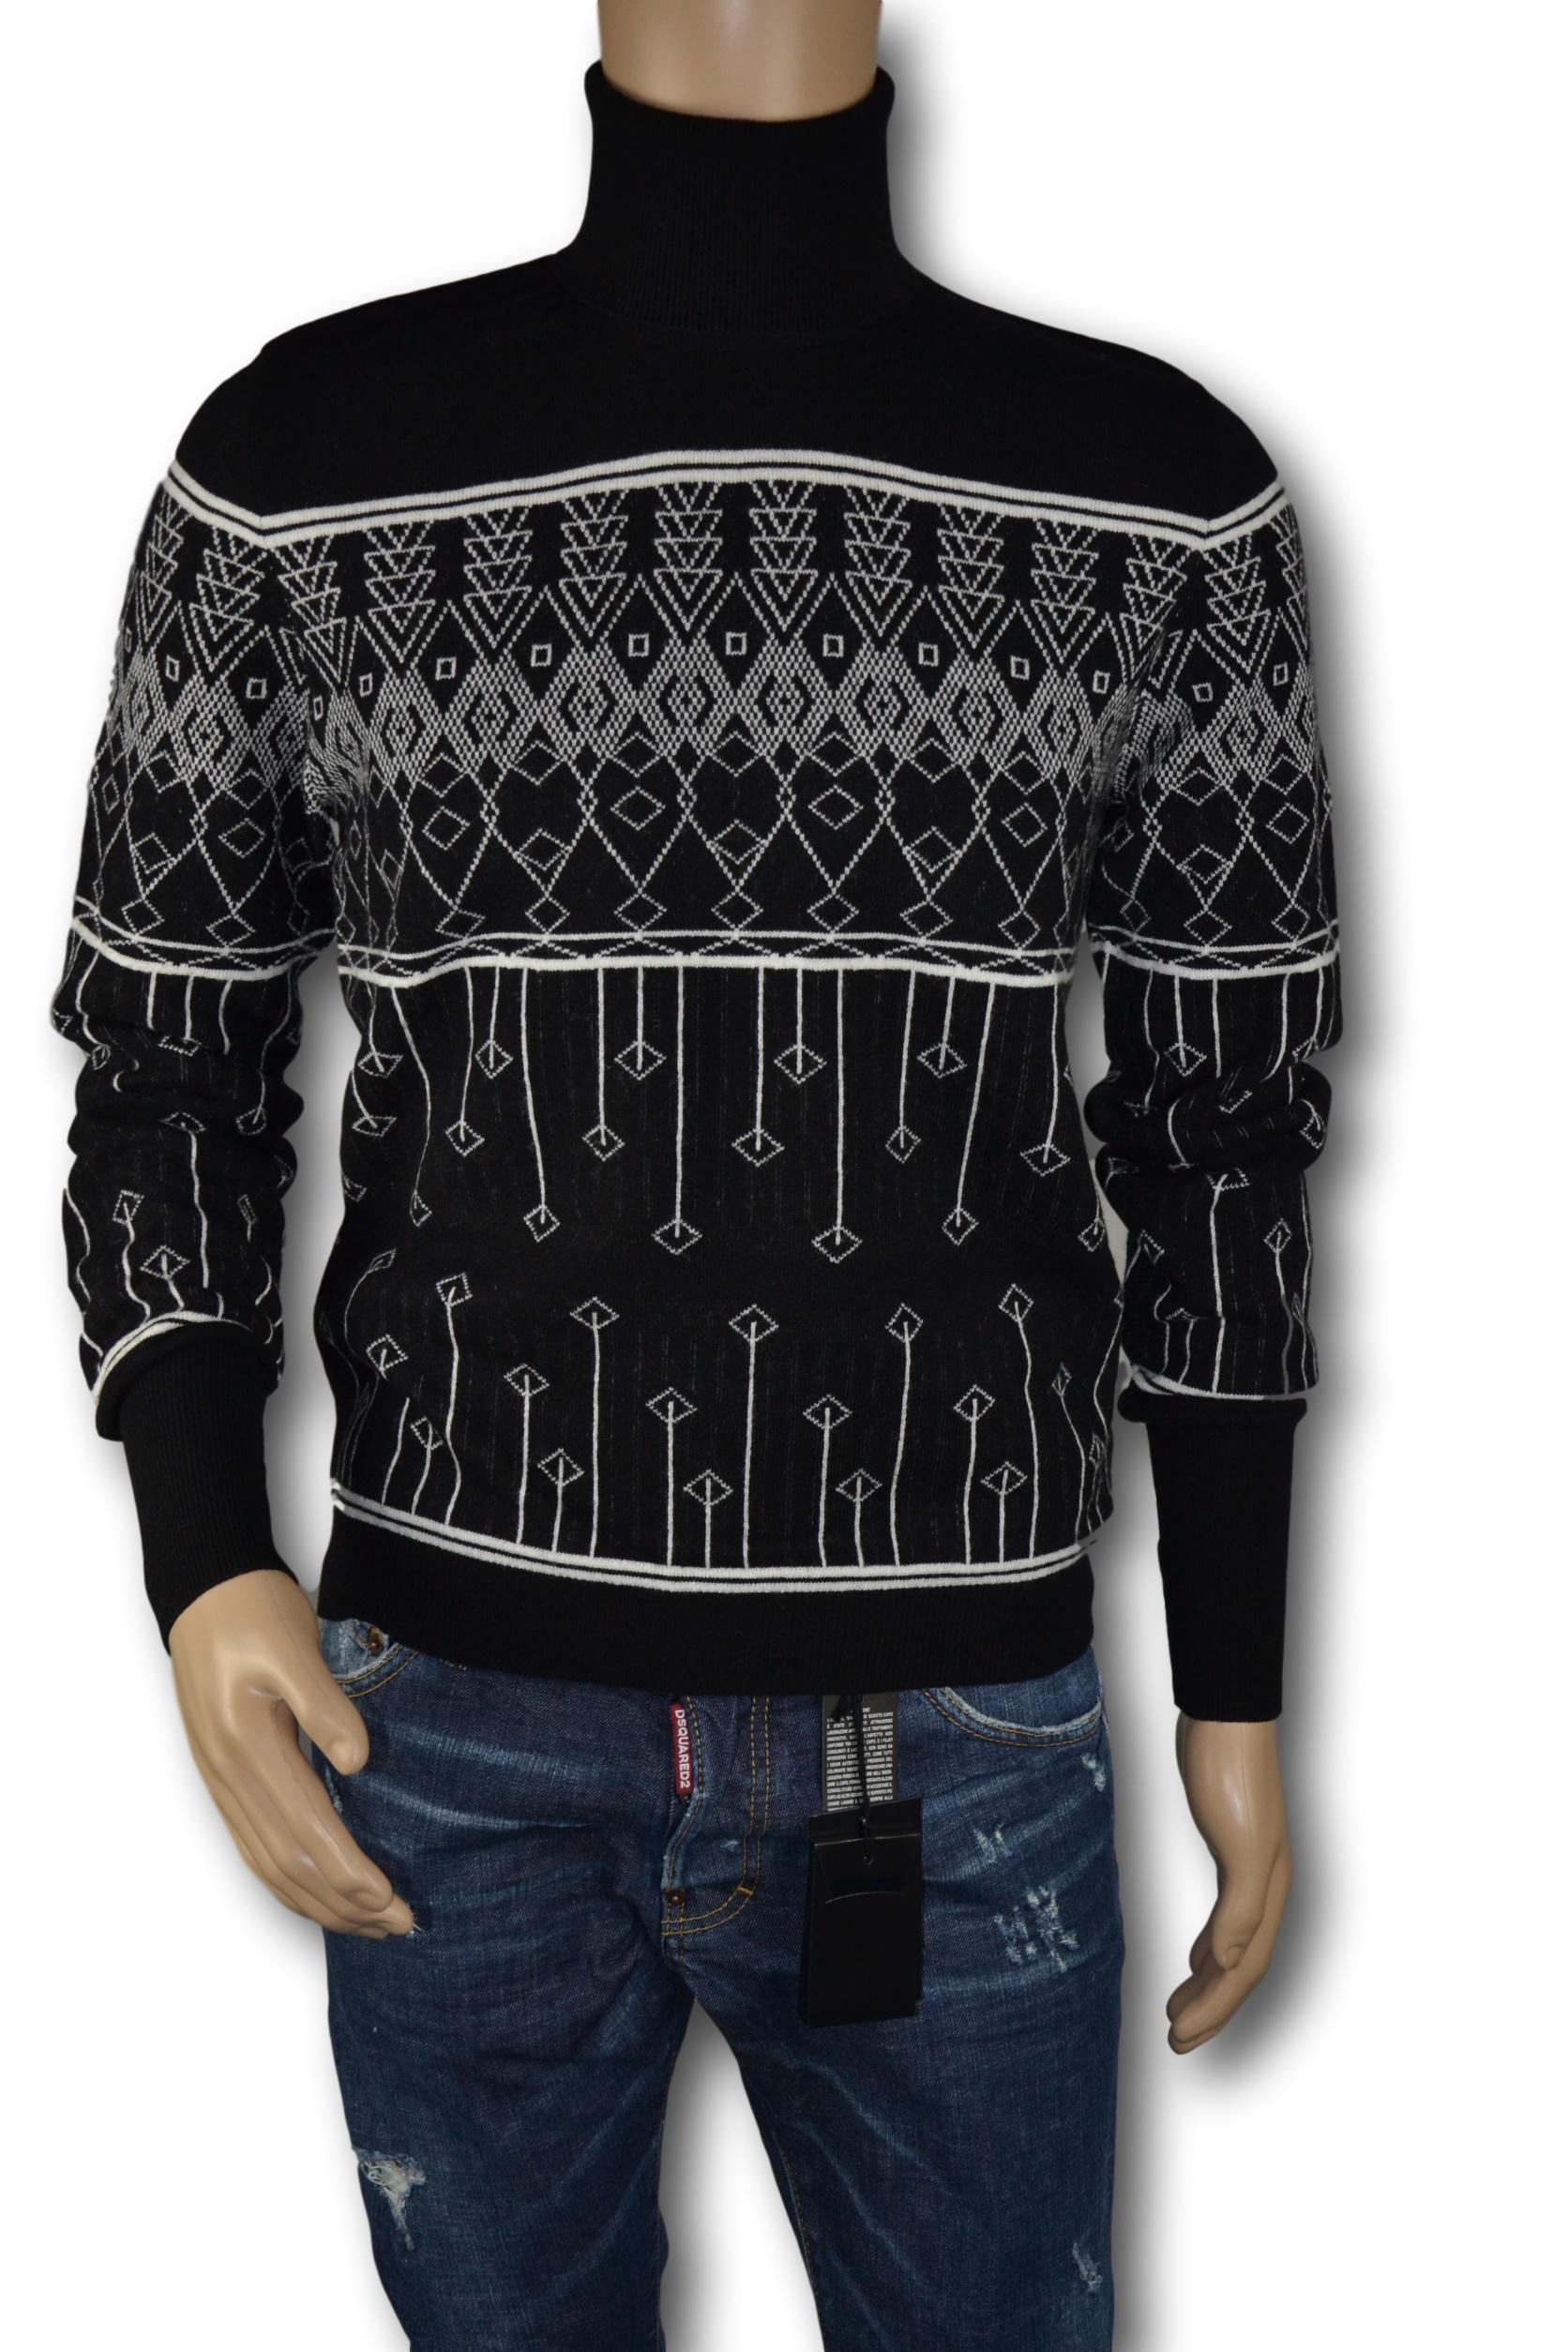 best authentic 5b495 5d877 Dettagli su BALLANTYNE Maglione Dolcevita Uomo Man's Sweater Men Jumper  Cashmere TG. 50